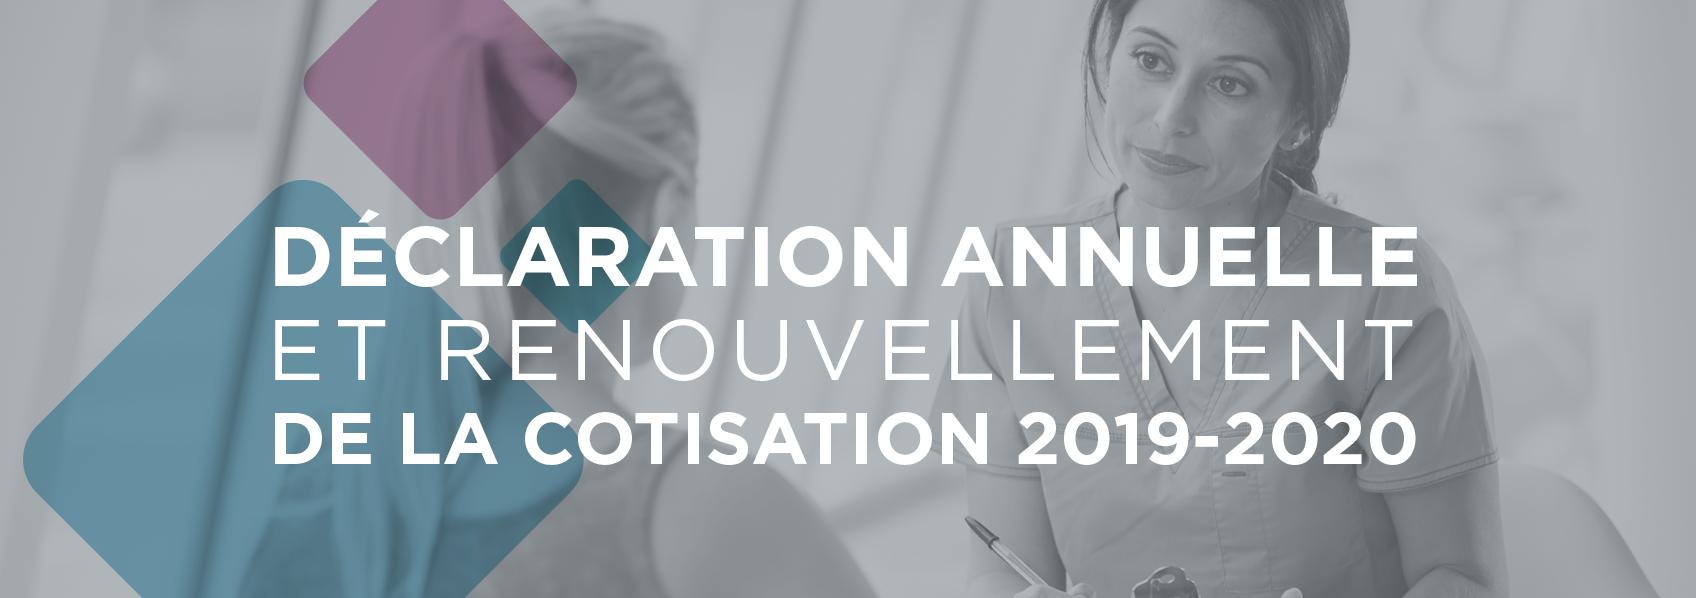 Oiiaq Banniere Cotisation Declaration